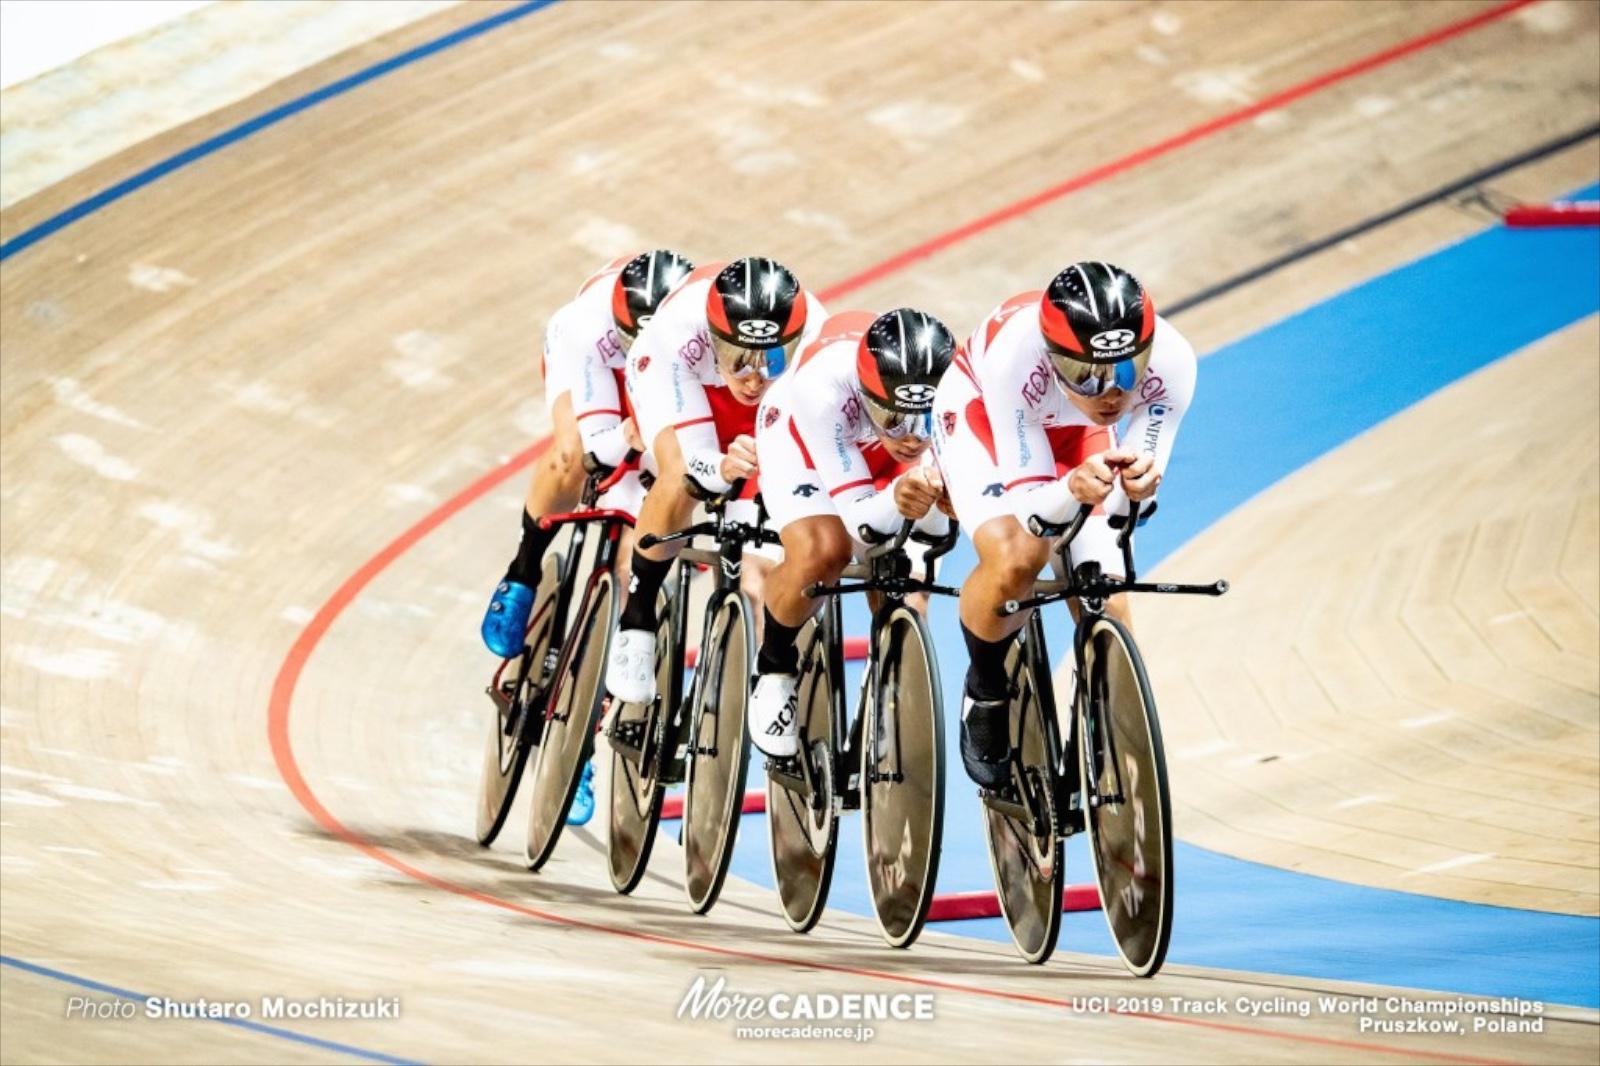 【2019トラック世界選手権】チームパシュート「課題は残るレースだった」予選12位